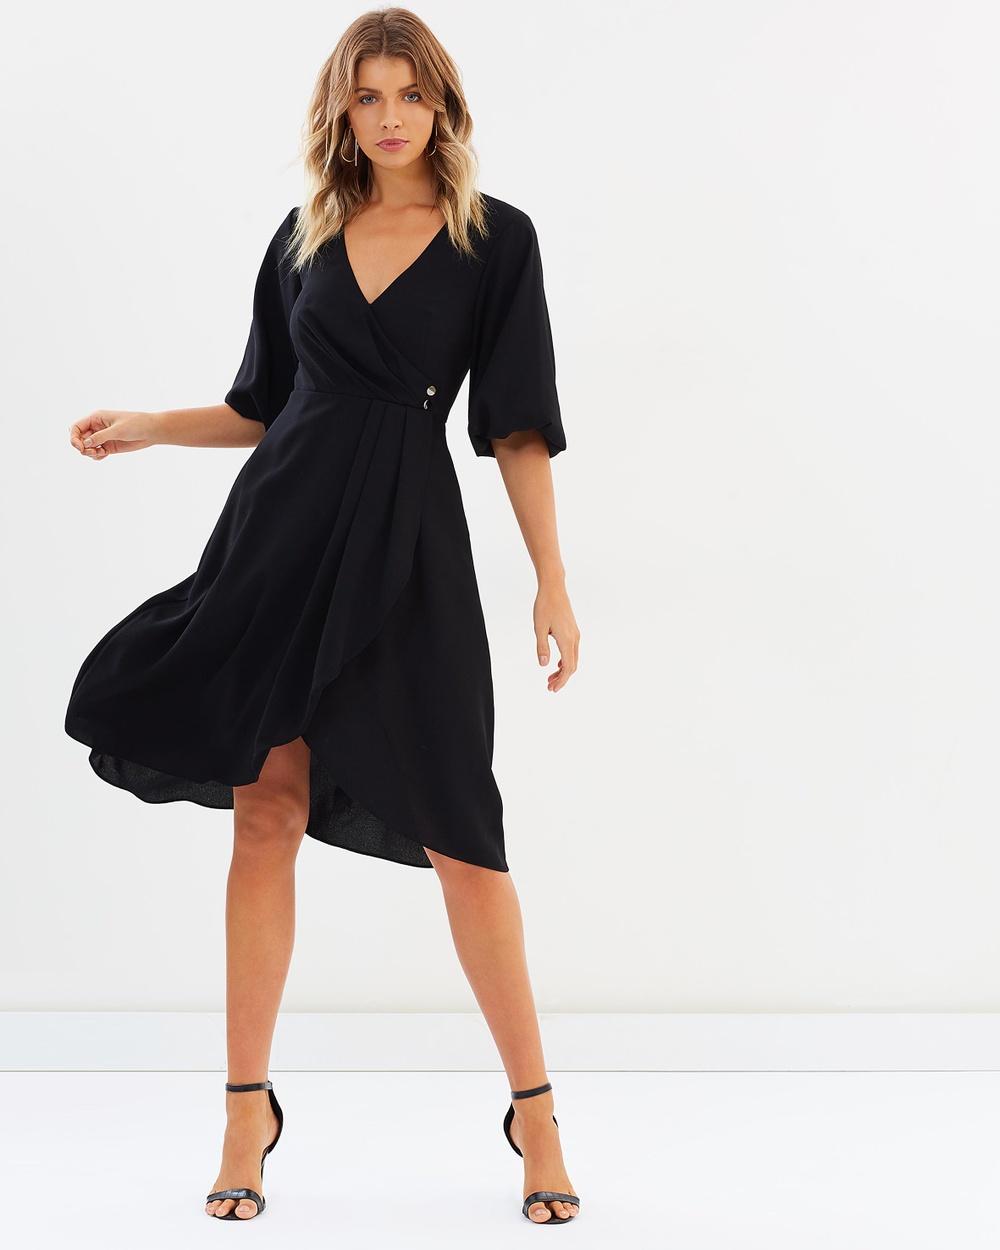 Atmos & Here ICONIC EXCLUSIVE Perla Wrap Midi Dress Dresses Black ICONIC EXCLUSIVE Perla Wrap Midi Dress